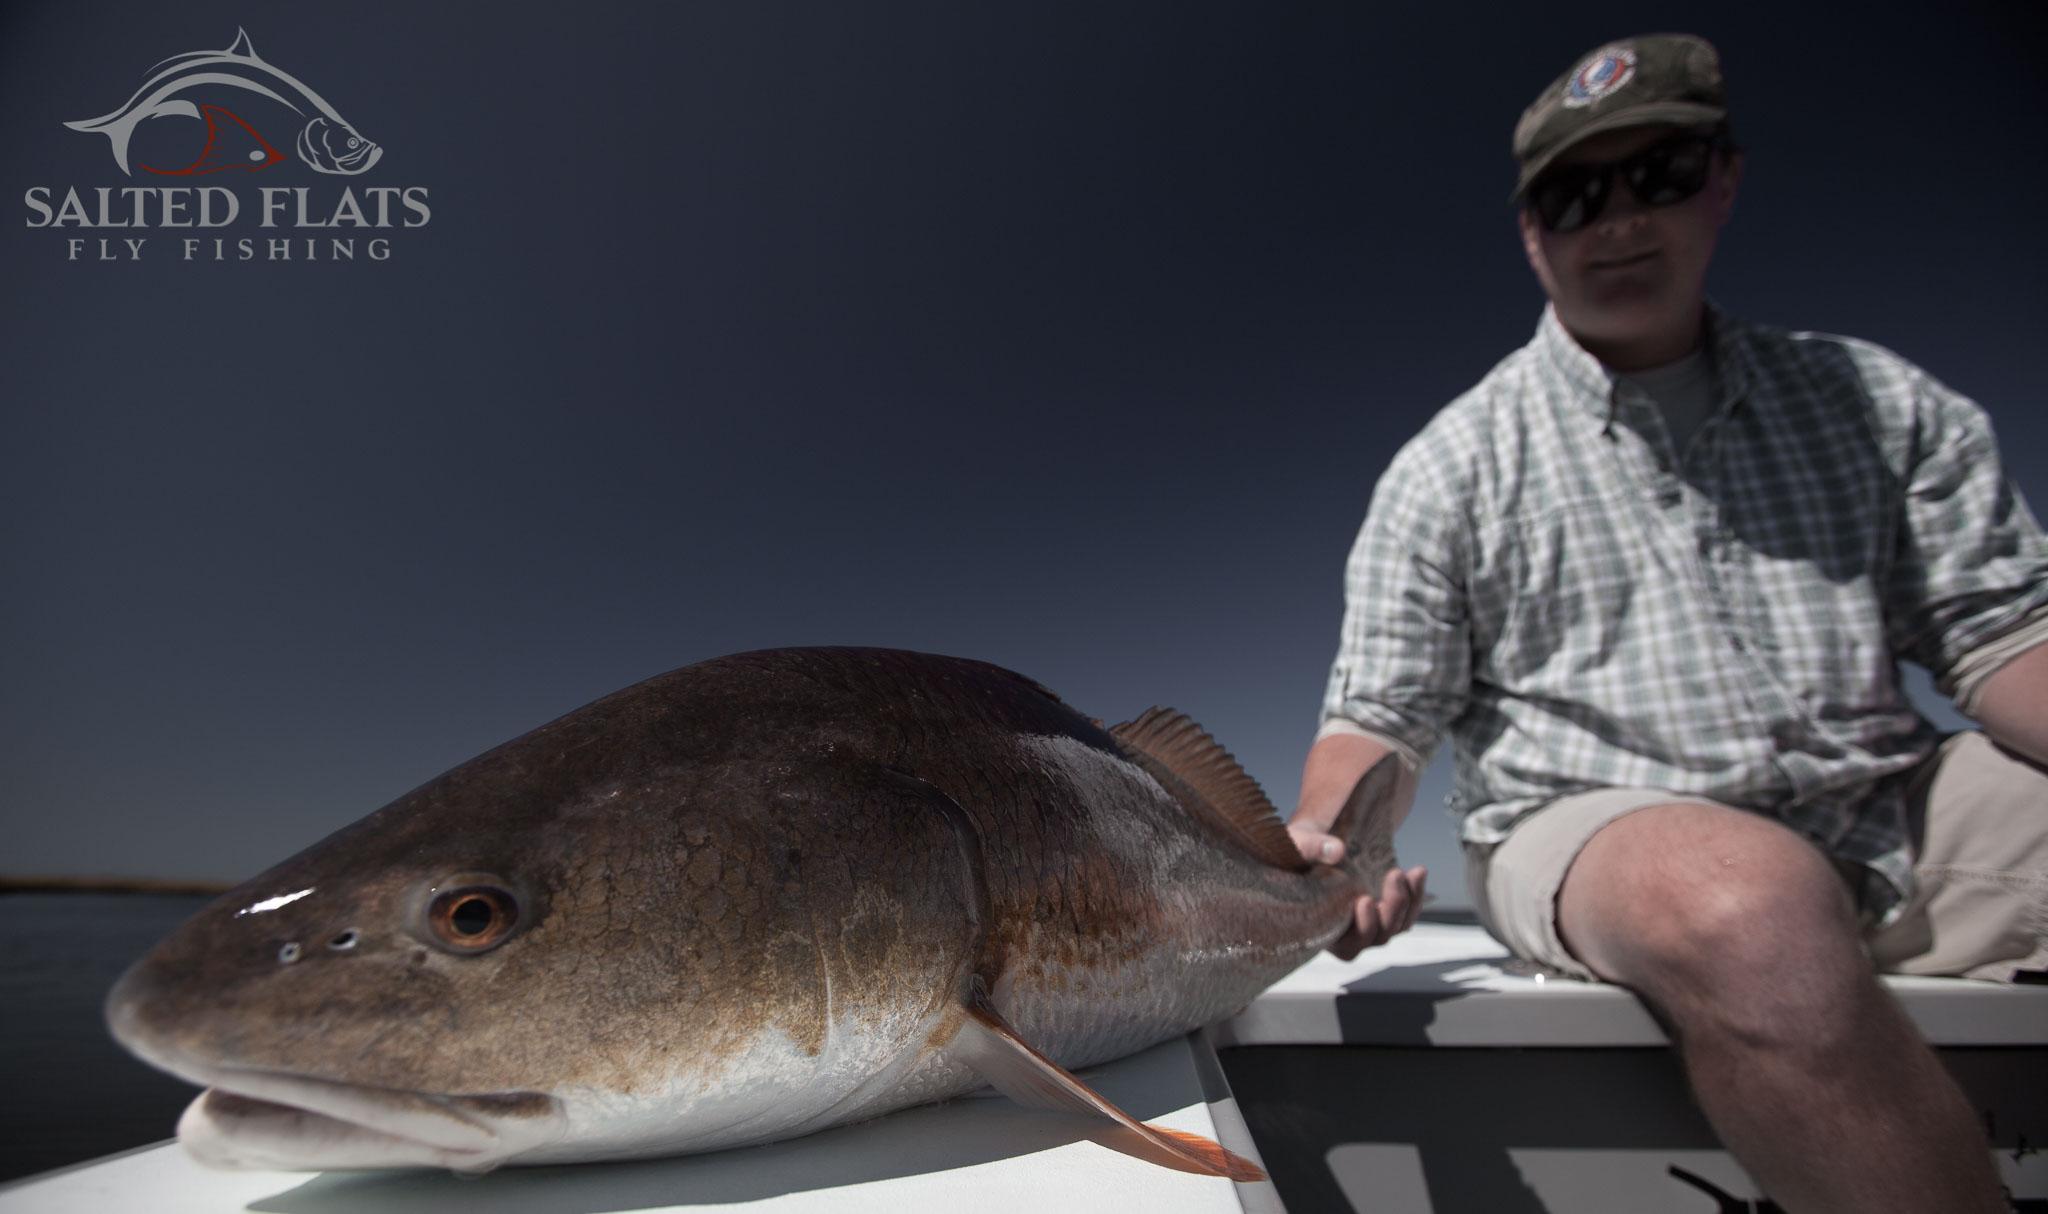 October Fly Fishing in Louisiana